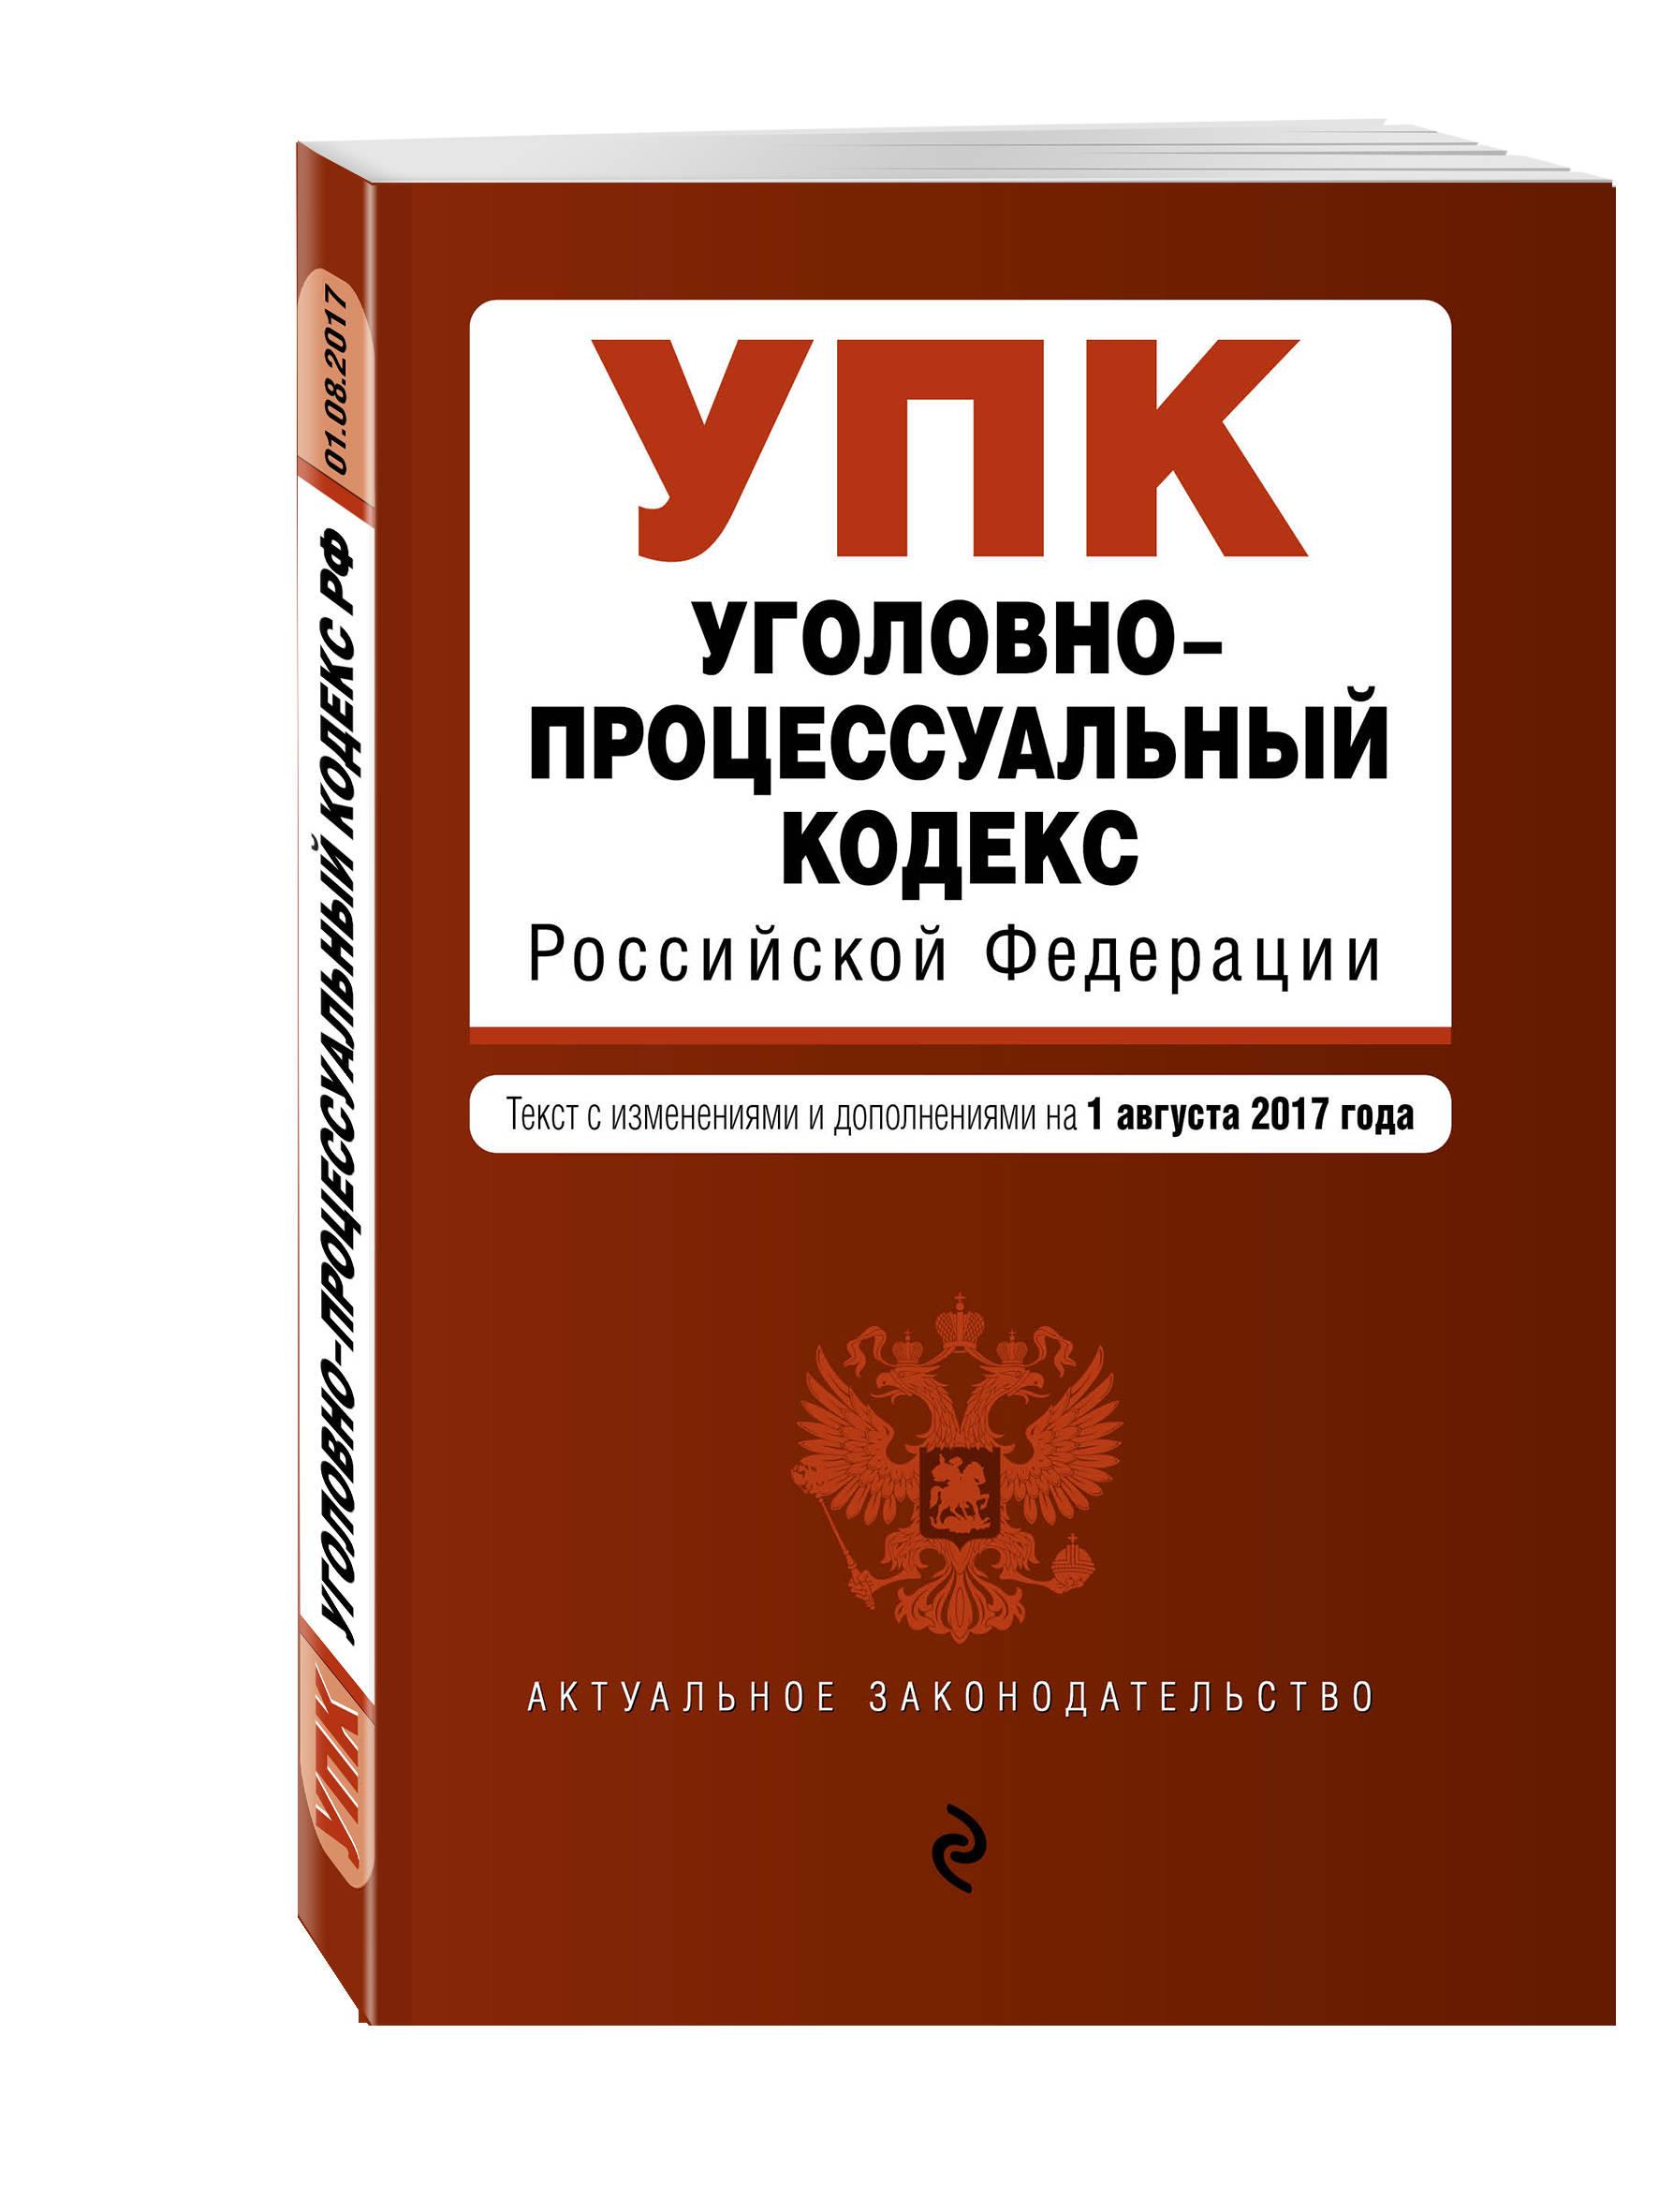 Уголовно-процессуальный кодекс Российской Федерации : текст с последними изм. и доп. на 1 августа 2017 г.